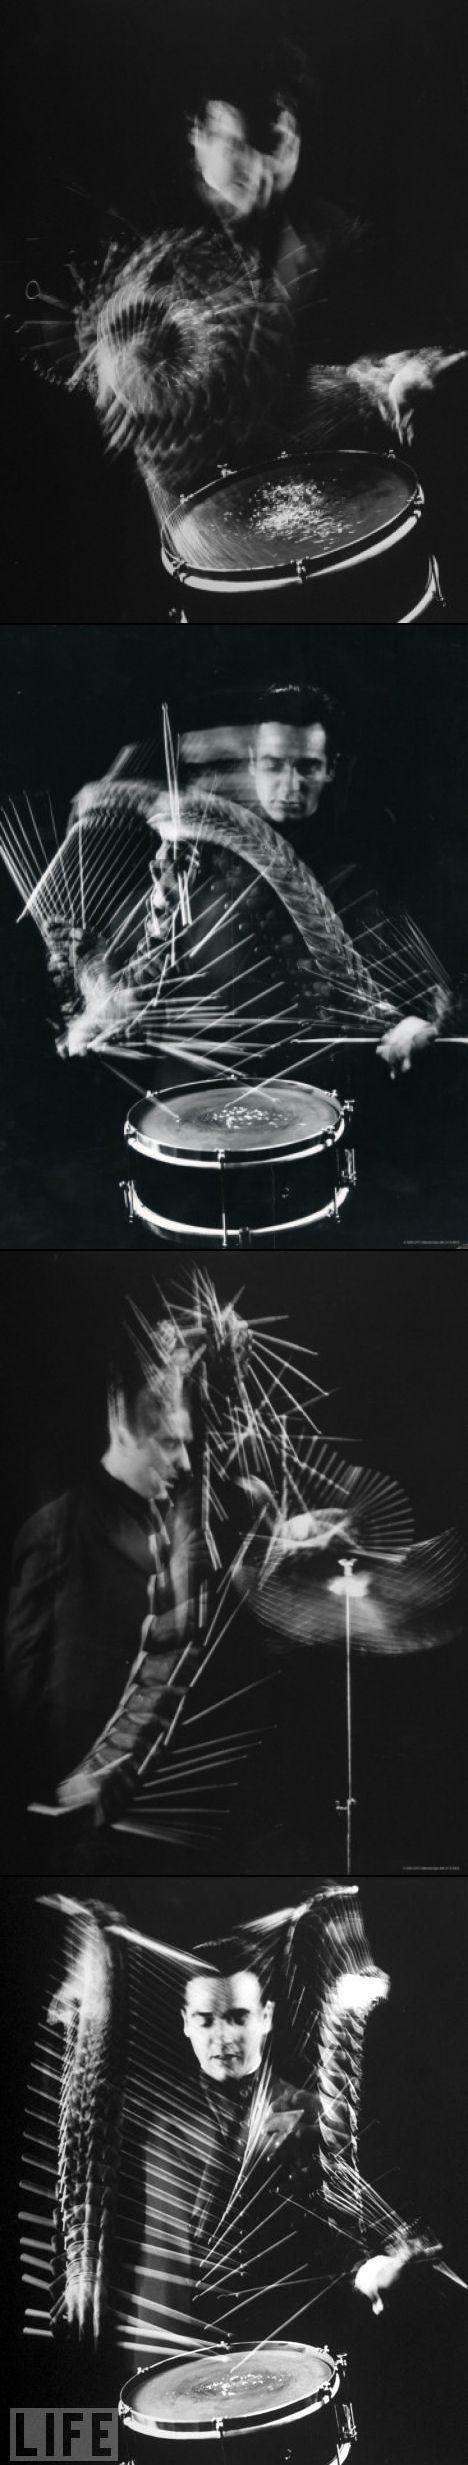 Двойное: движение и музыка, которая тоже движение